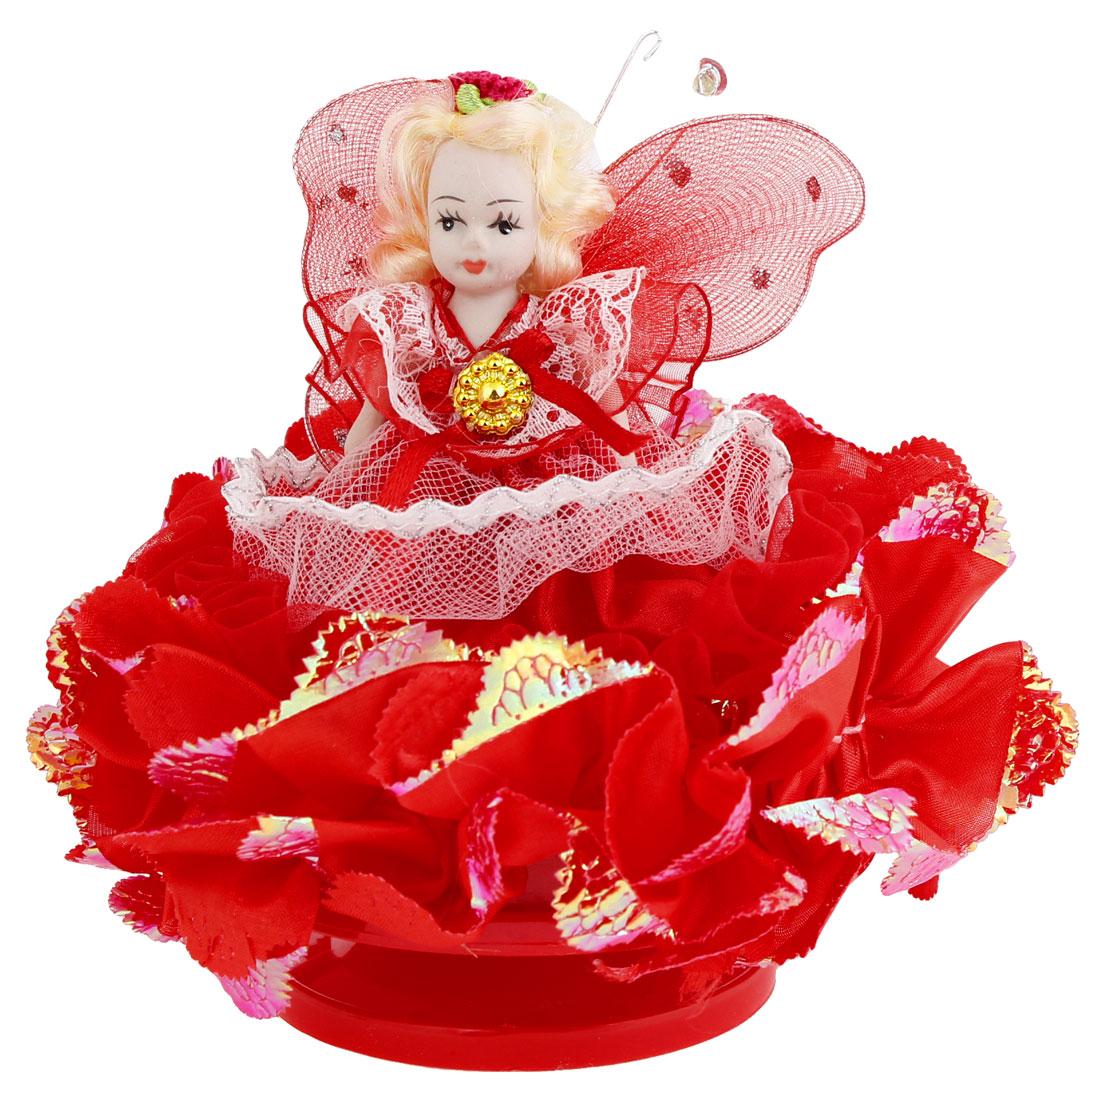 Kid Birthday Gift Red Dress Decor Girl Design Doll Clockwork Music Box